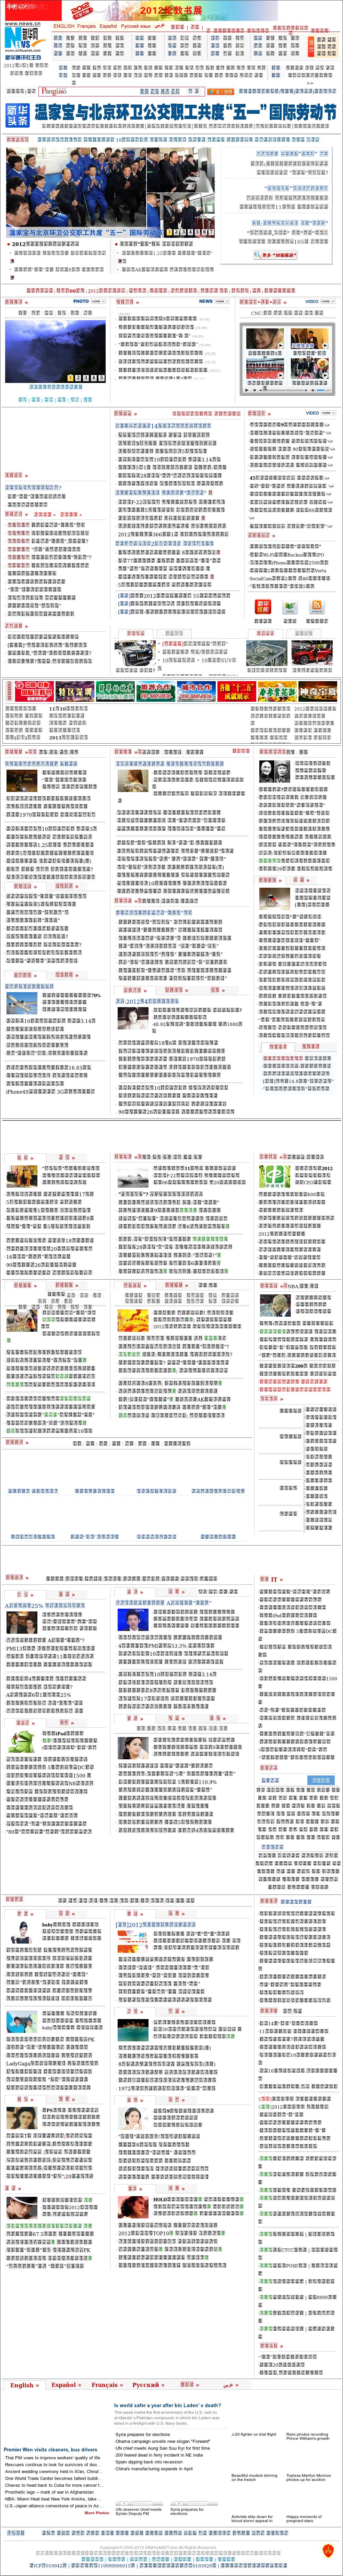 Xinhua at Tuesday May 1, 2012, 12:19 p.m. UTC